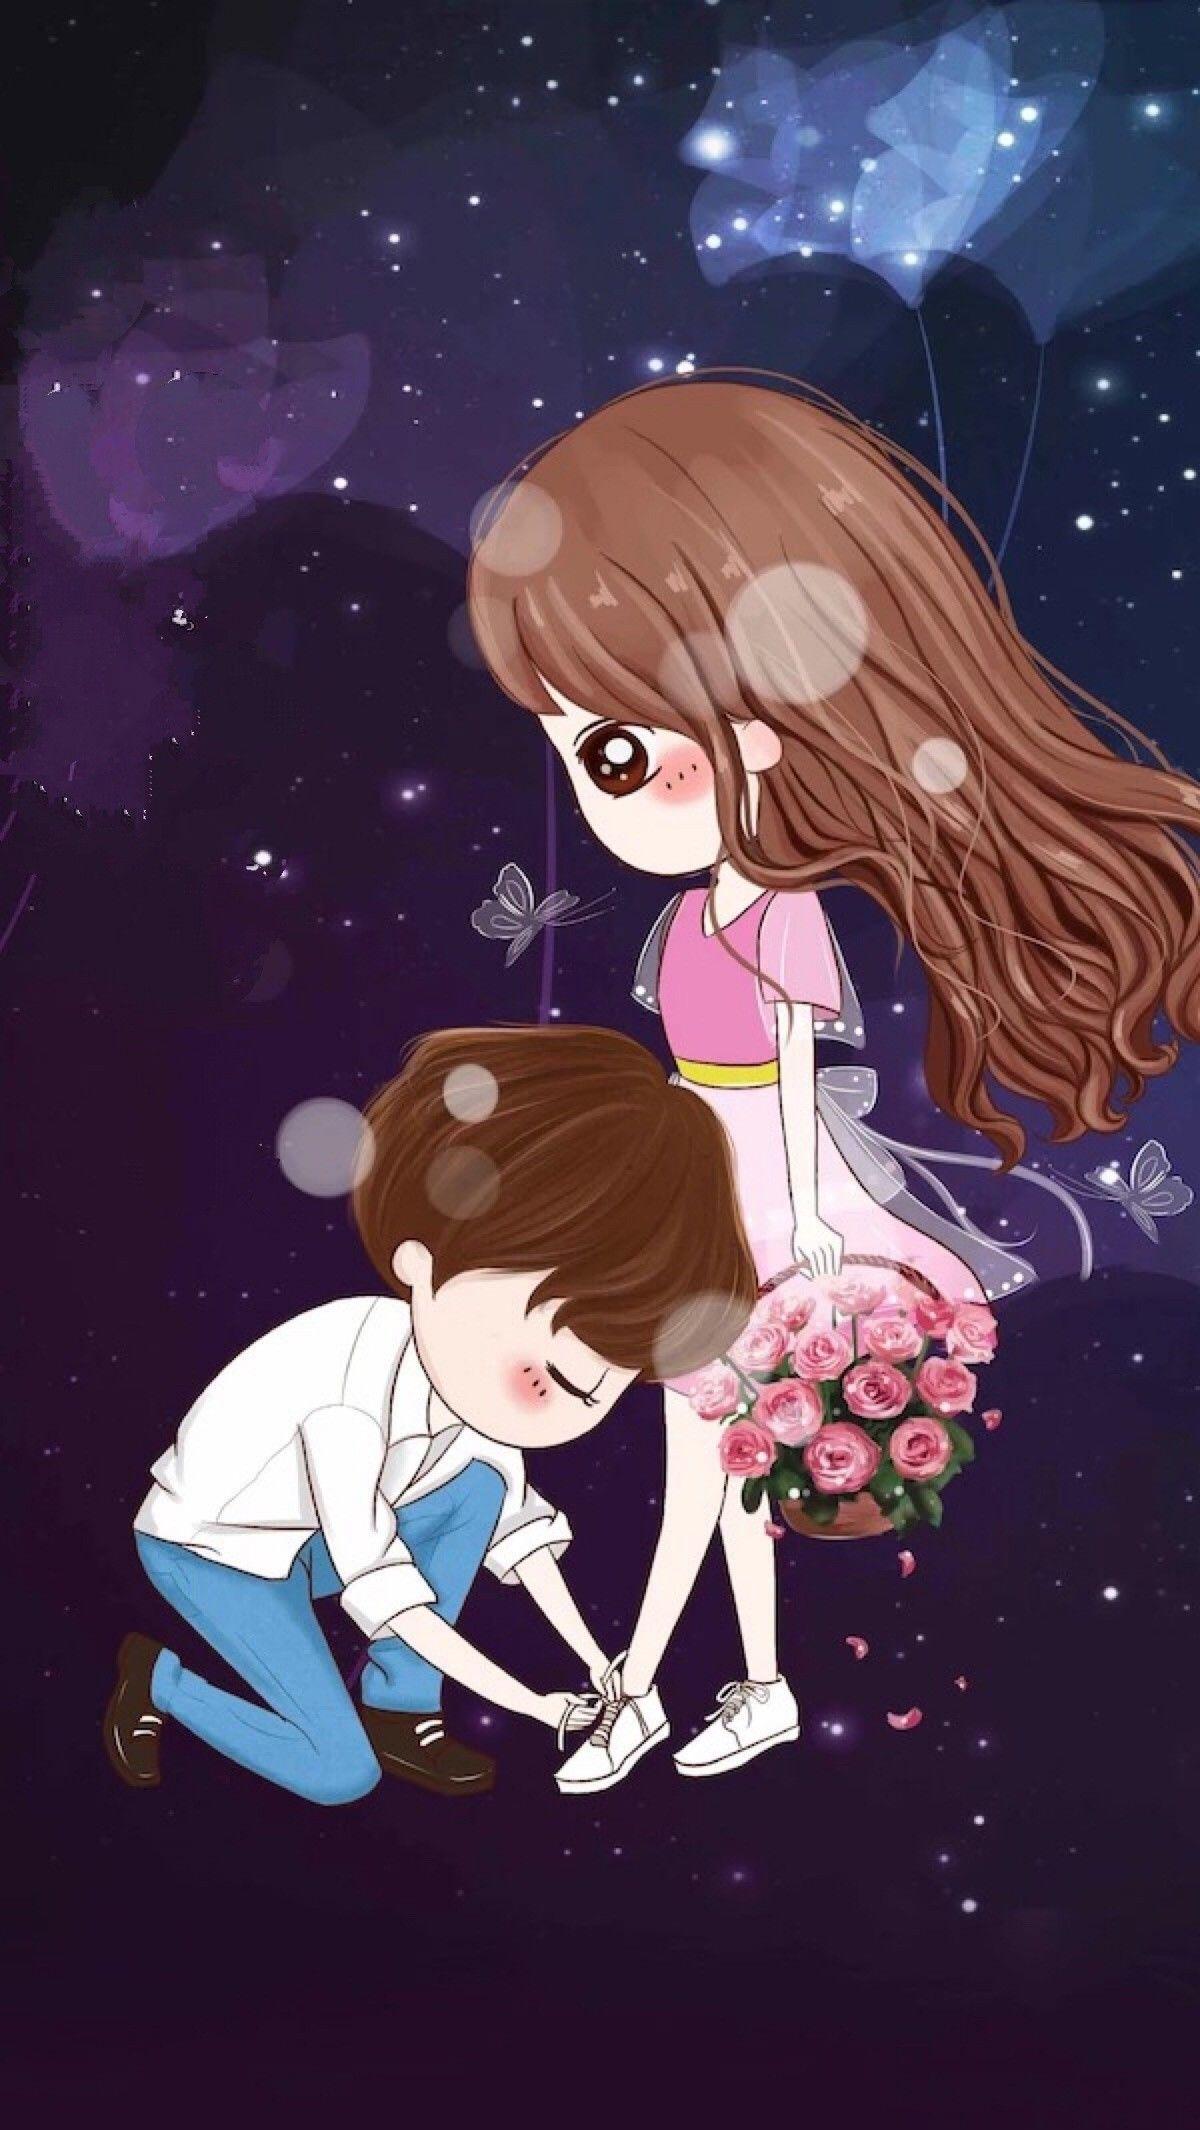 أنت ممي زة وأنا لست كذلك من العدل أن تكوني مع شخص مثلك هو الحب ومعه آلي اته ليبقى حيا Cute Couple Wallpaper Cute Couple Cartoon Cute Wallpapers